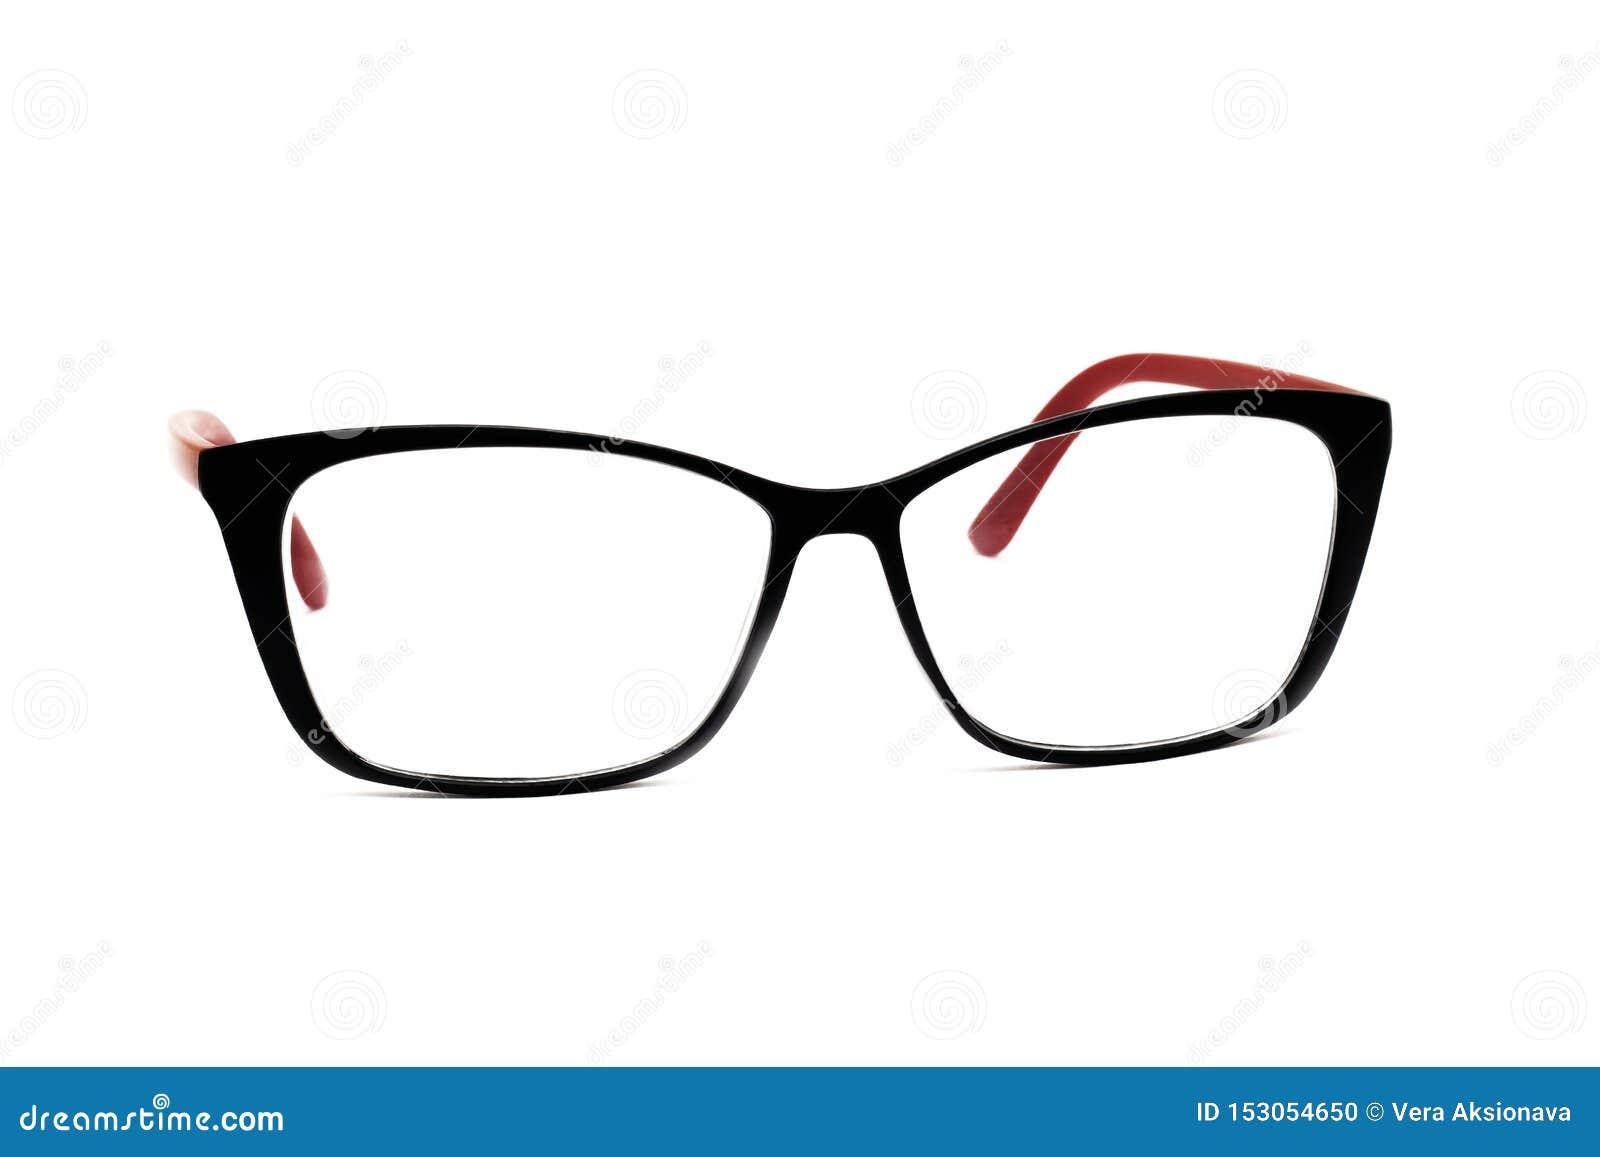 Black frame for women`s glasses, isolated on white background